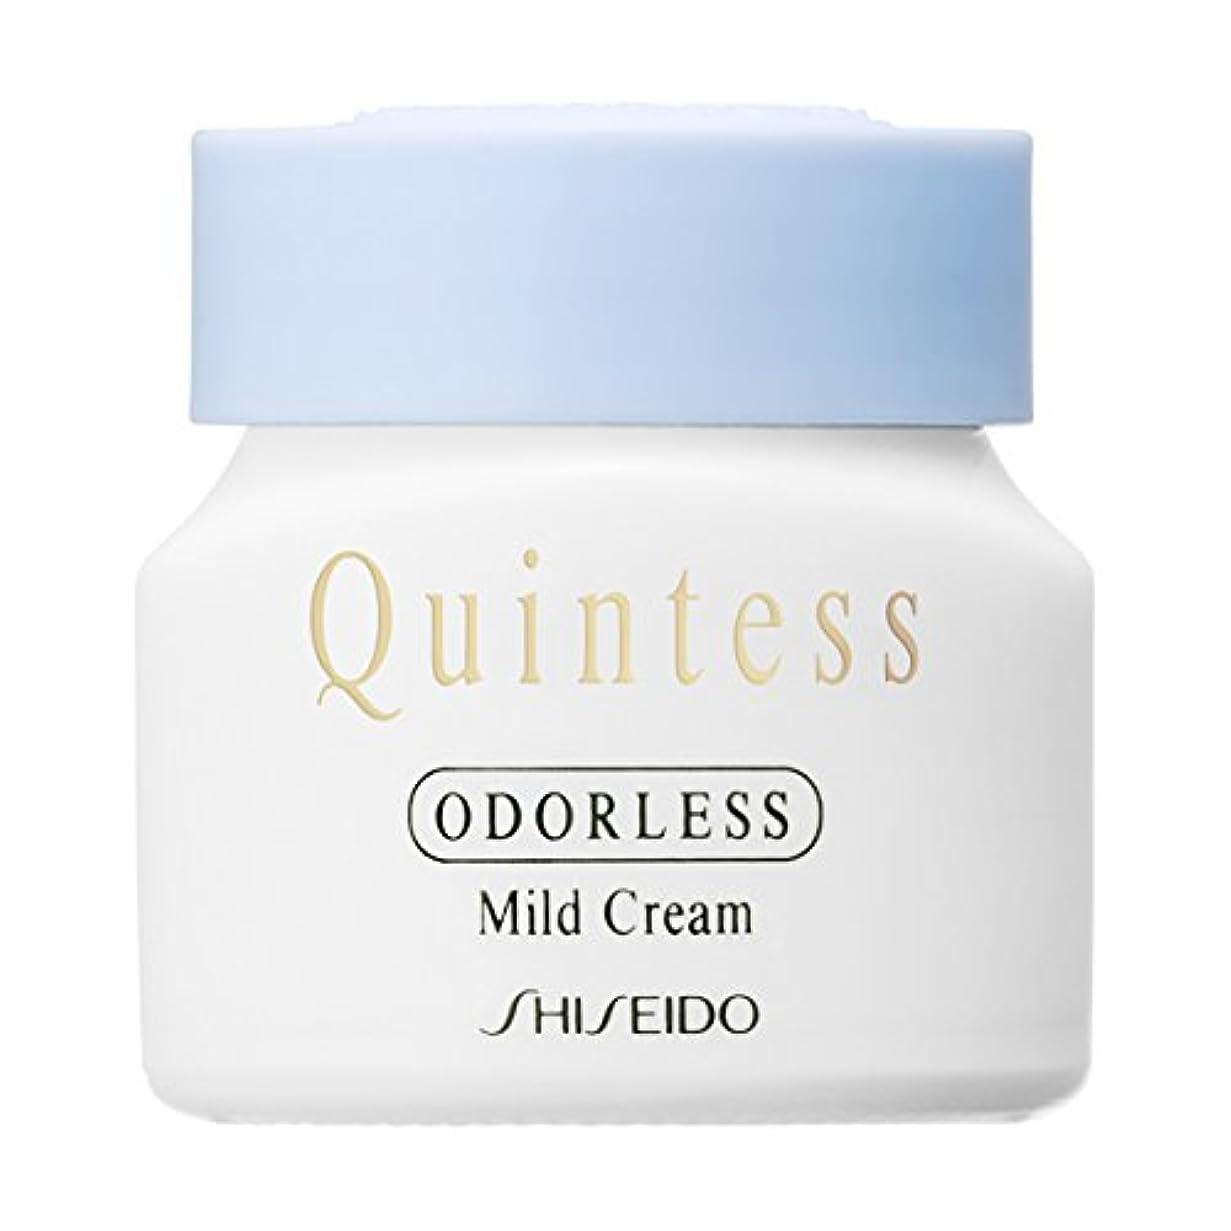 各続ける提供するクインテス オーダレス マイルドクリーム 30g